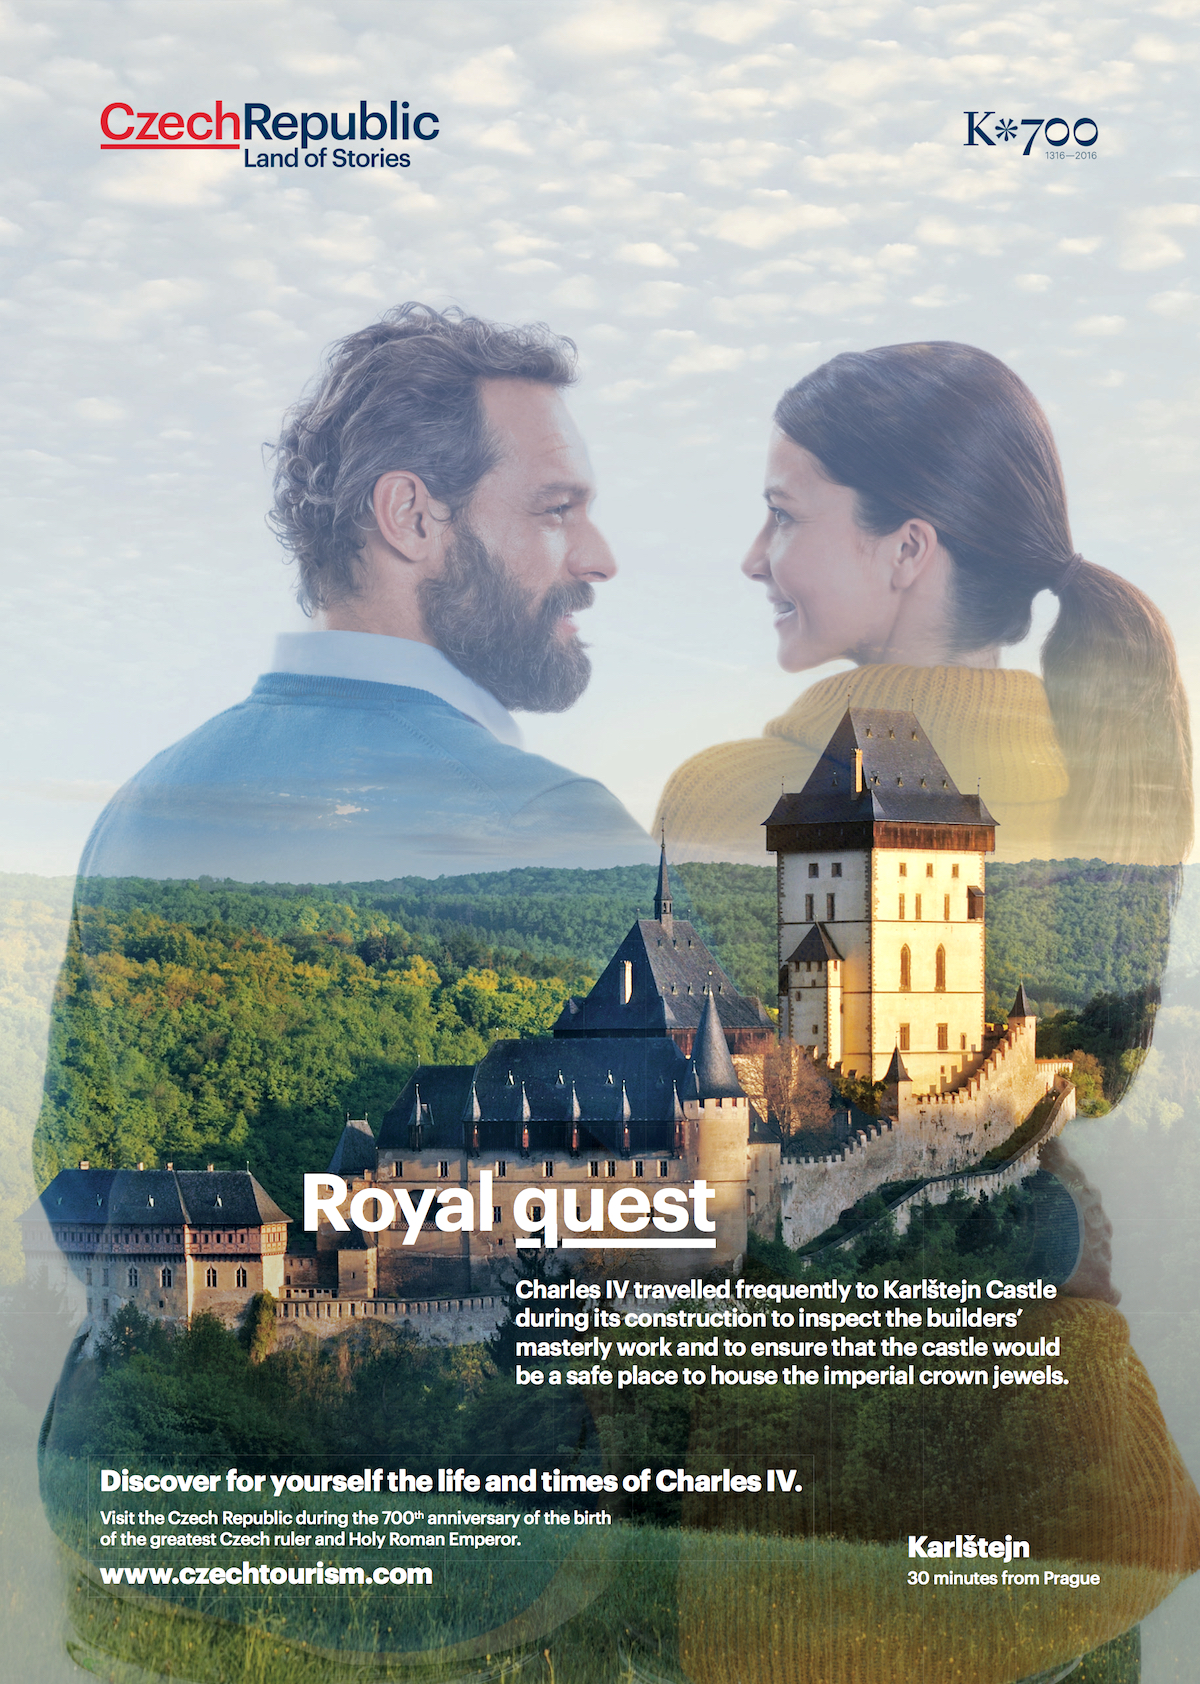 Nová kampaň provede turisty místy spjatými s Karlem IV.